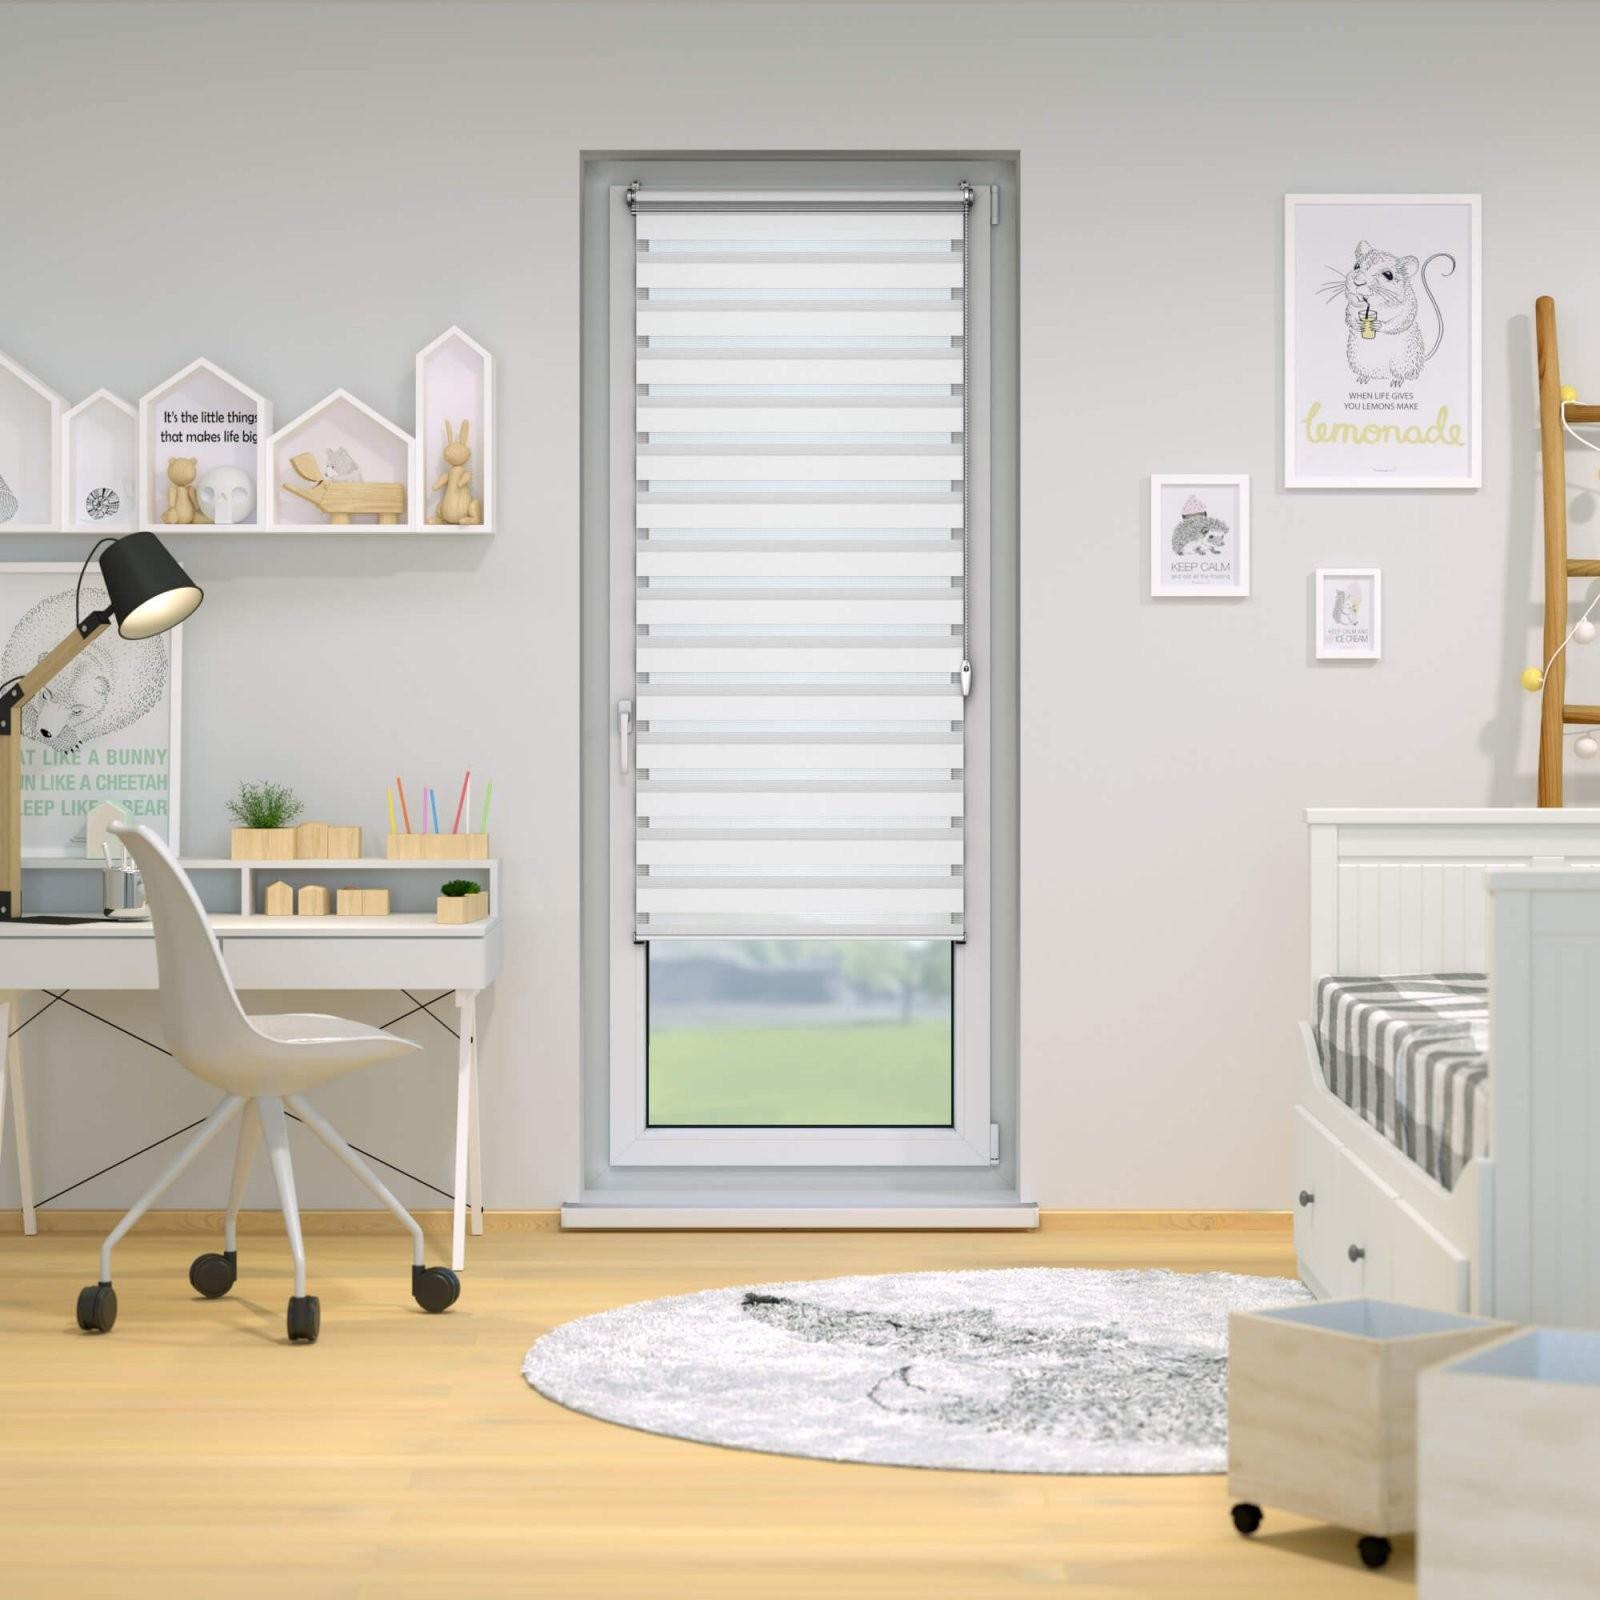 Klemmfix Doppelrollo Für Fenster  Victoria M Duo Rollo von Doppelrollo 180 Cm Breit Photo